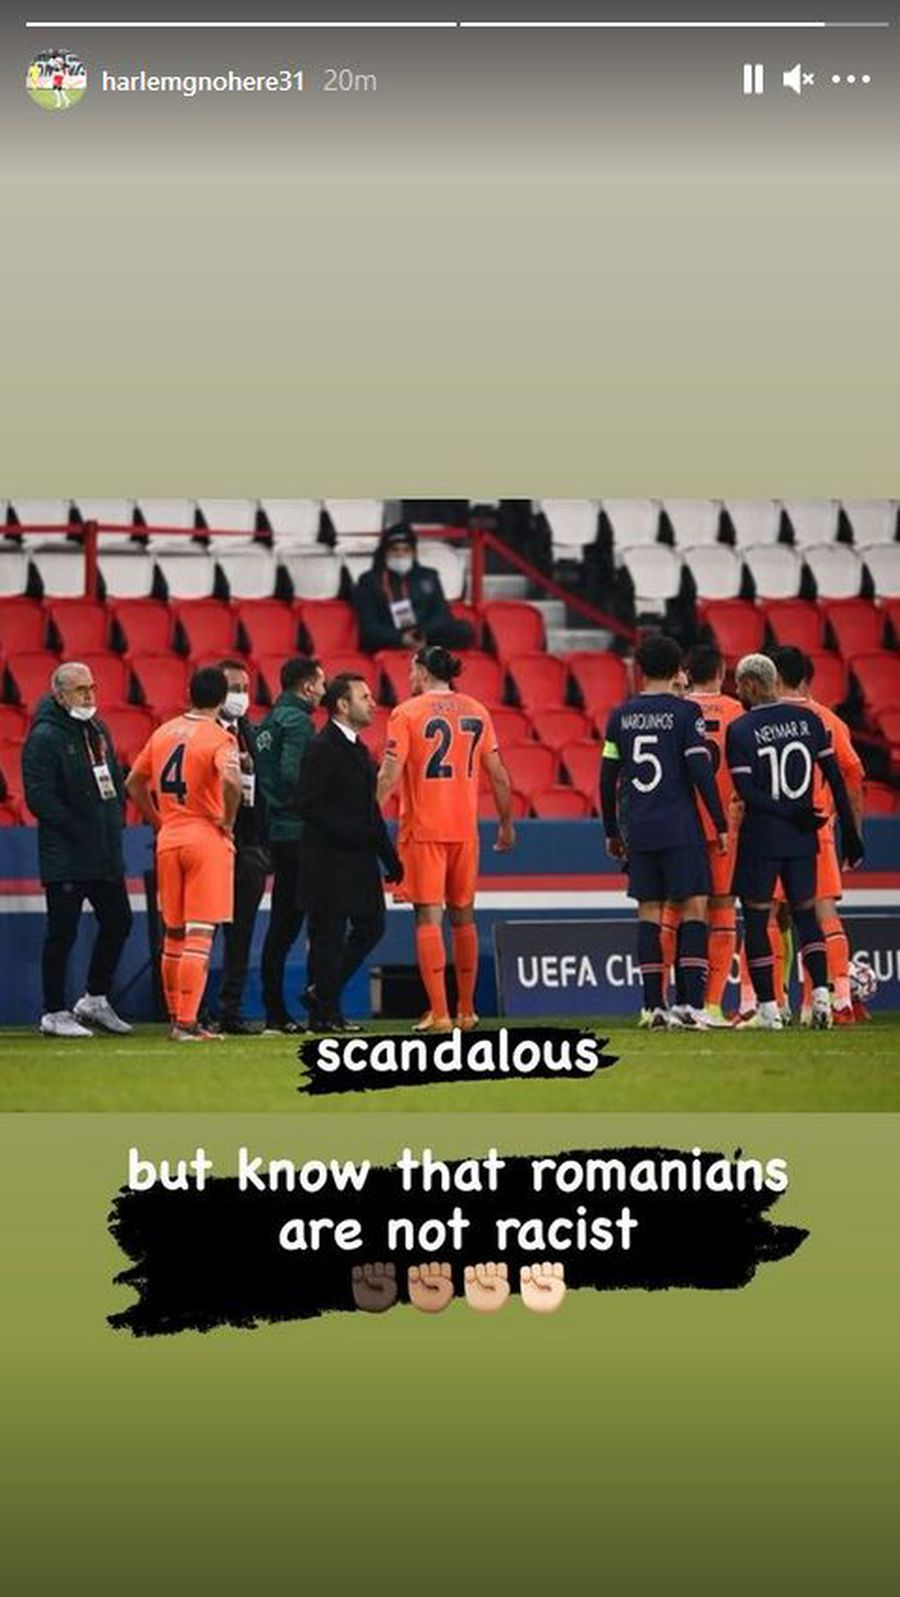 """Sebastian Colțescu, derapaj rasist în Liga Campionilor. Harlem Gnohere și Billel Omrani, reacție promptă: """"Scandalos"""" + ce au scris despre România"""